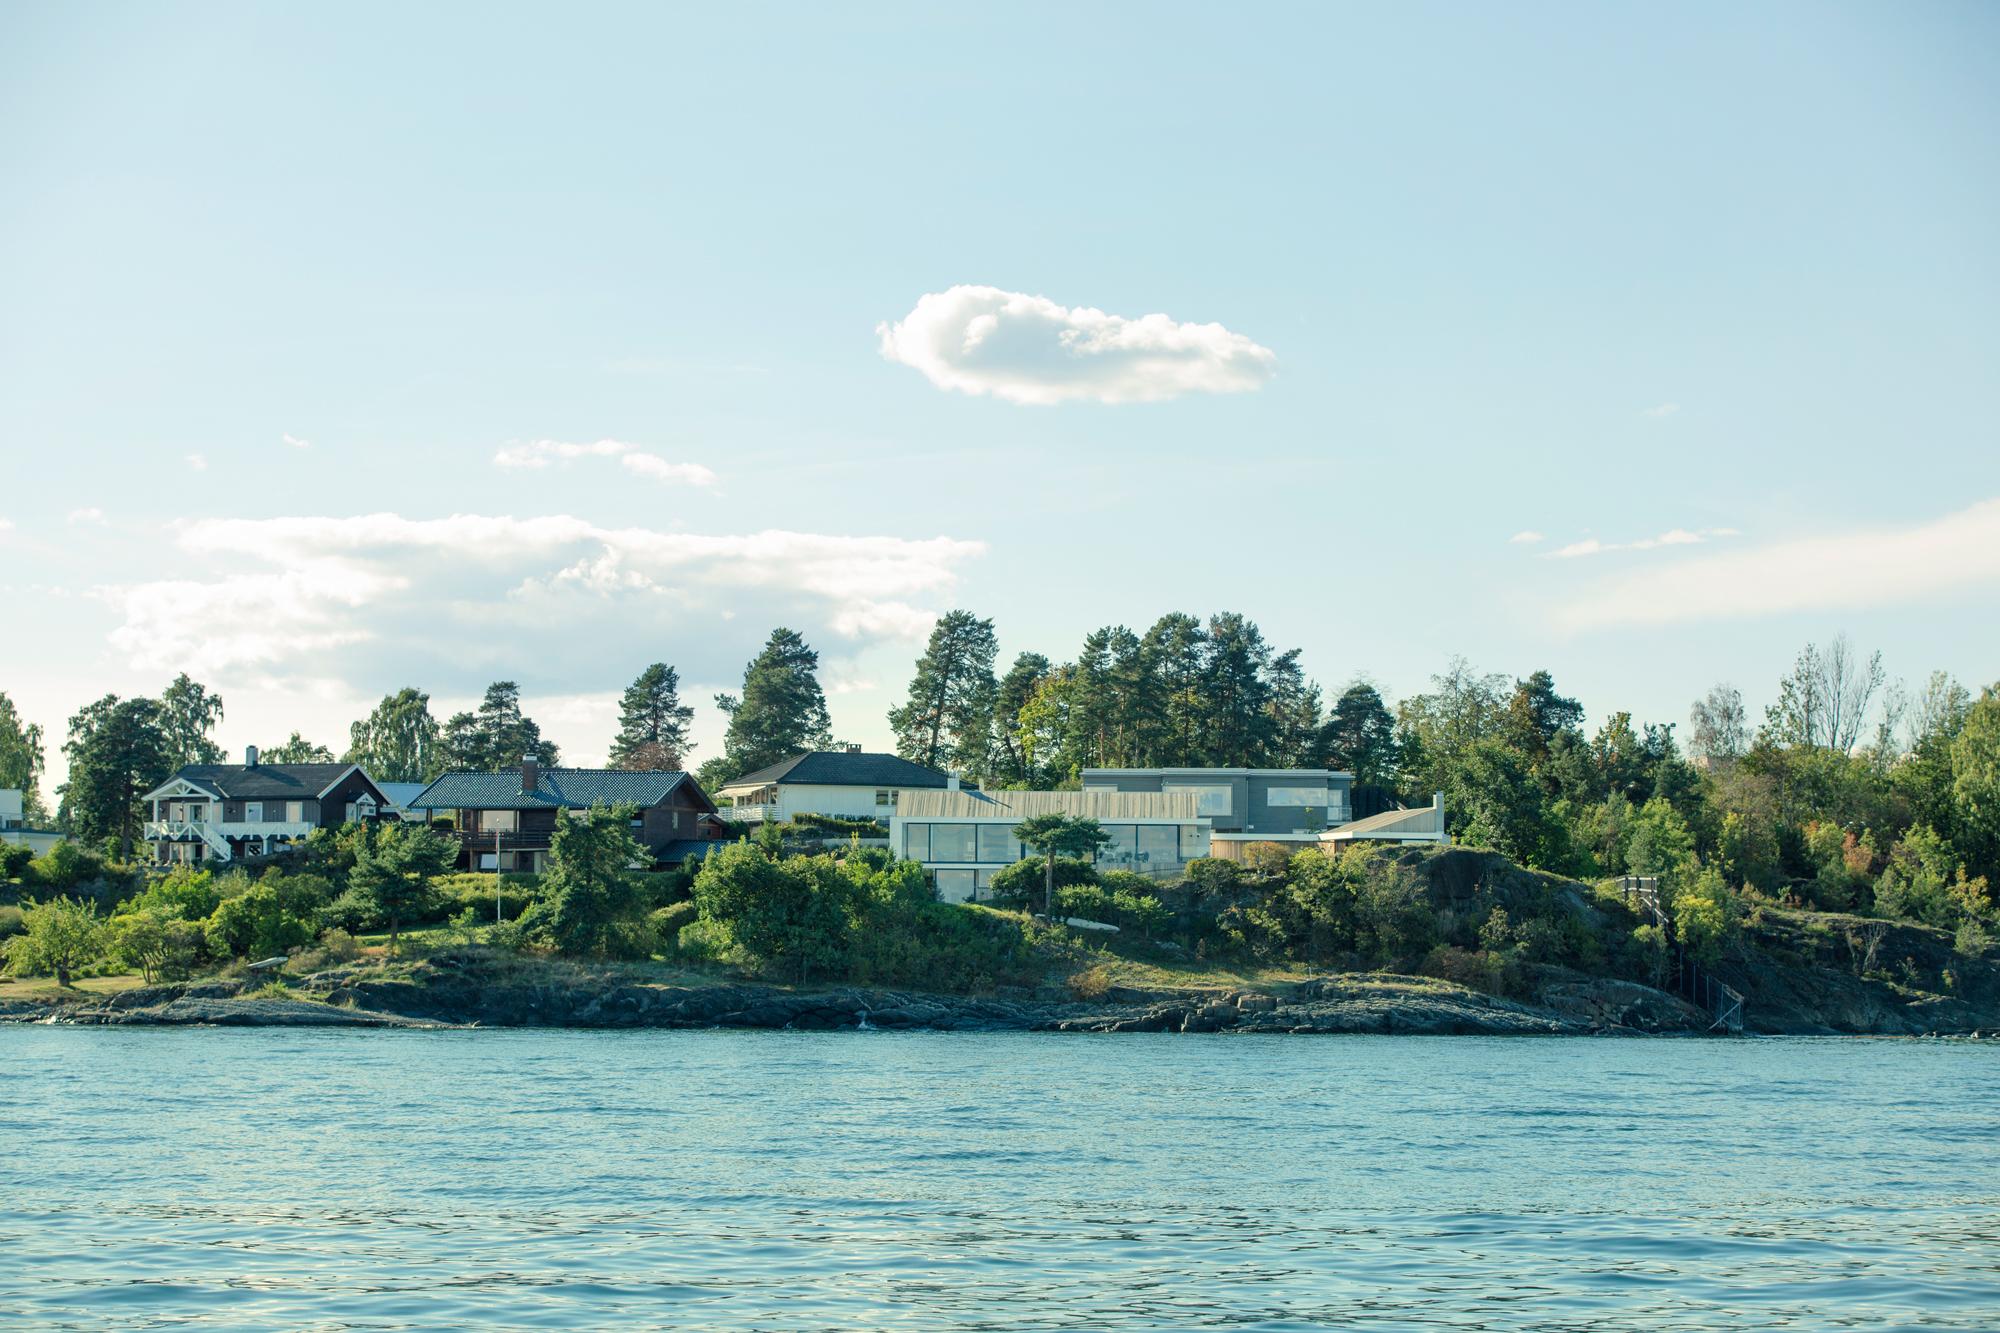 1808_HED_Barstad_2541.jpg